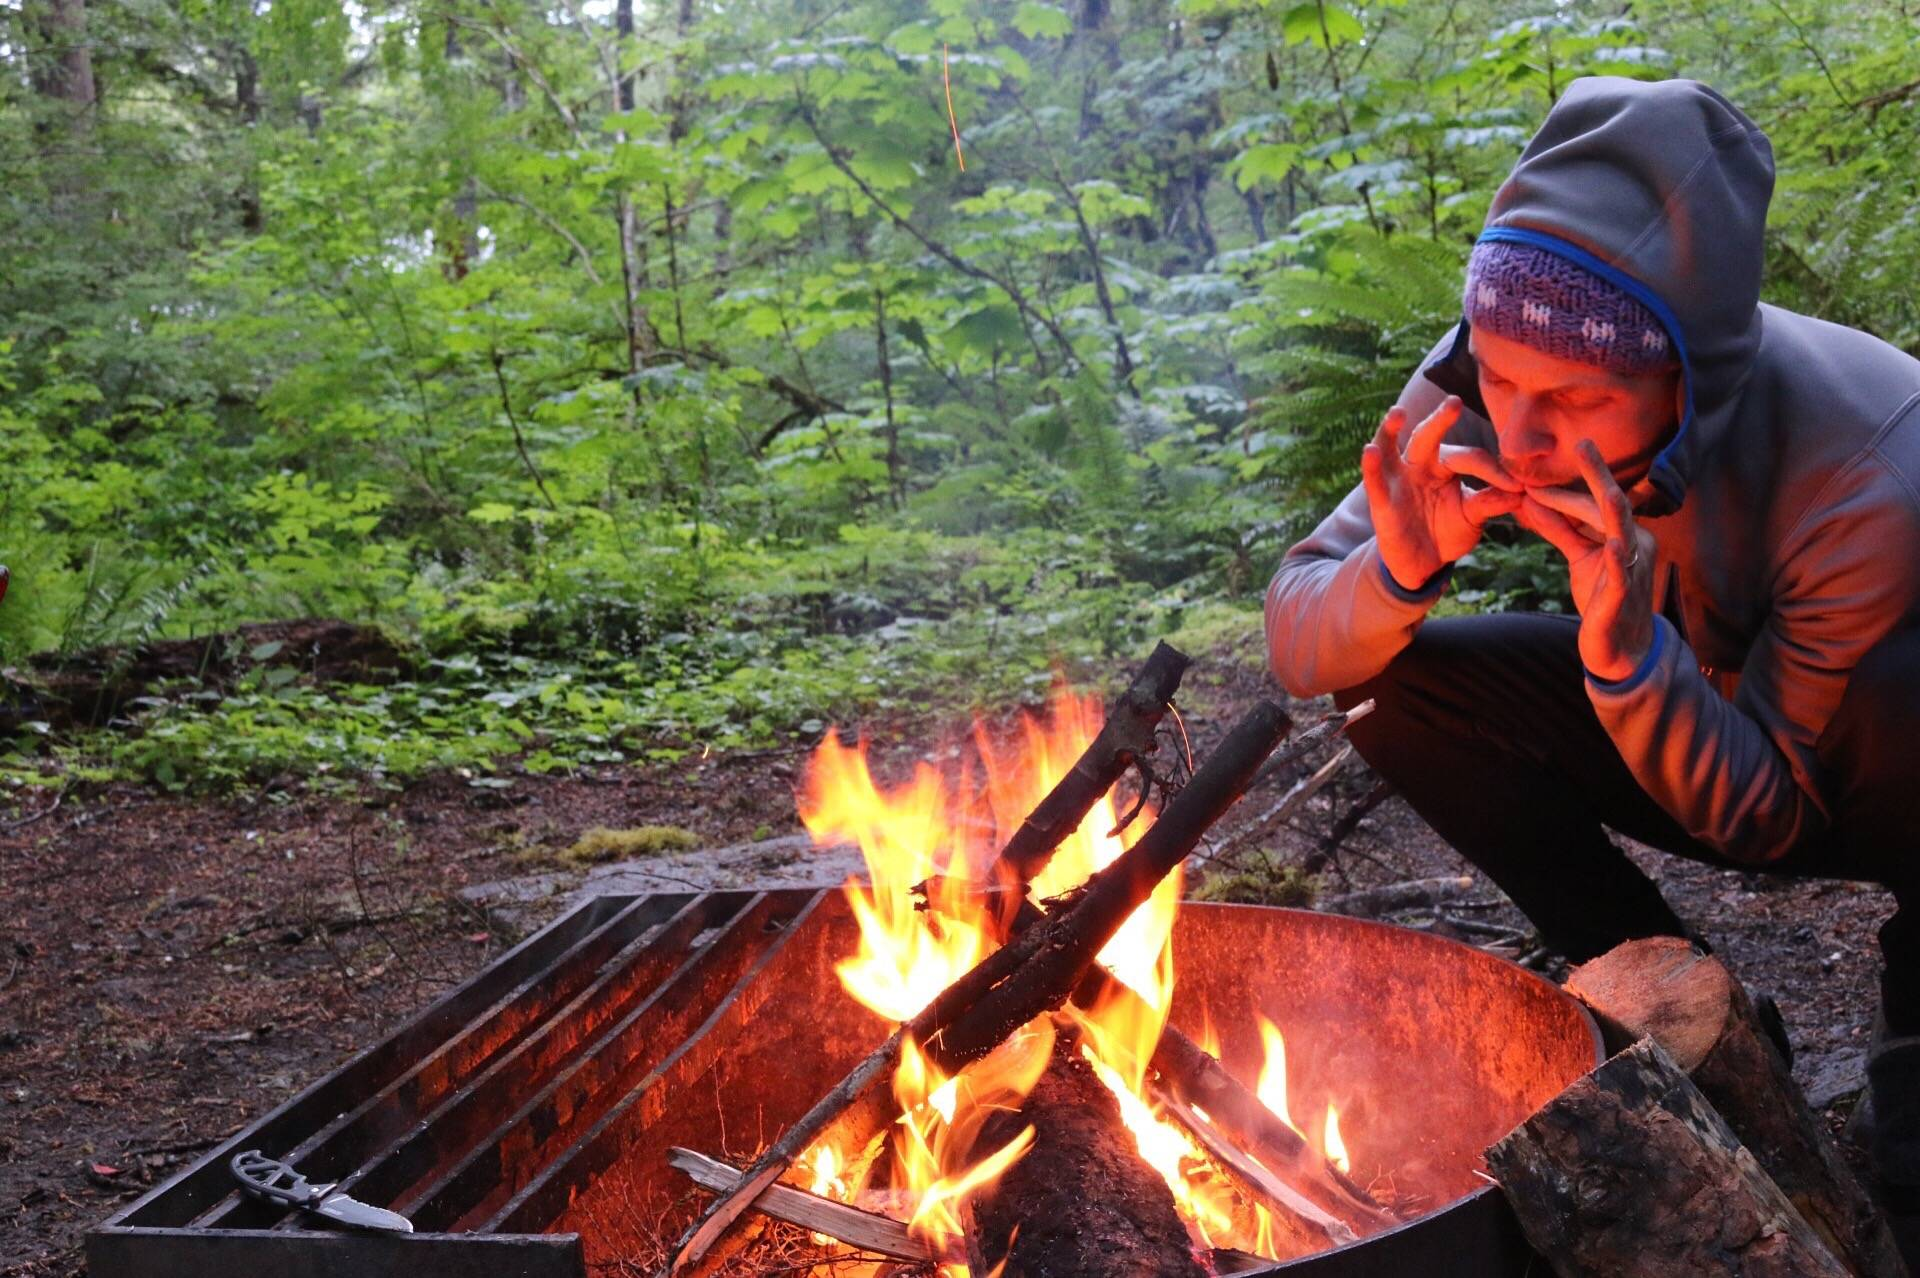 campfire at Big Creek near Mt Rainer, WA